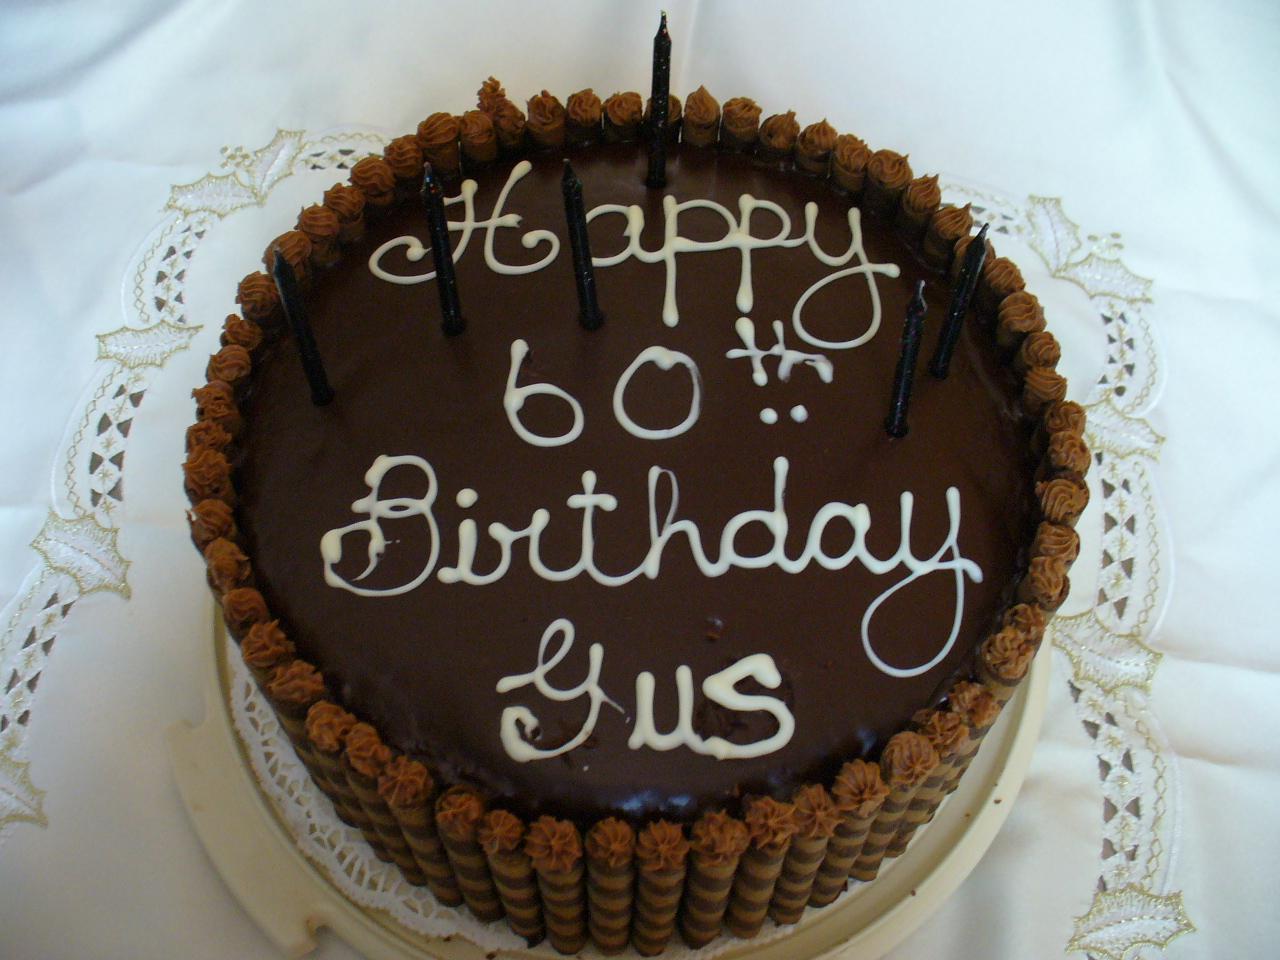 Celebration 60th birthday 2011 0084.JPG